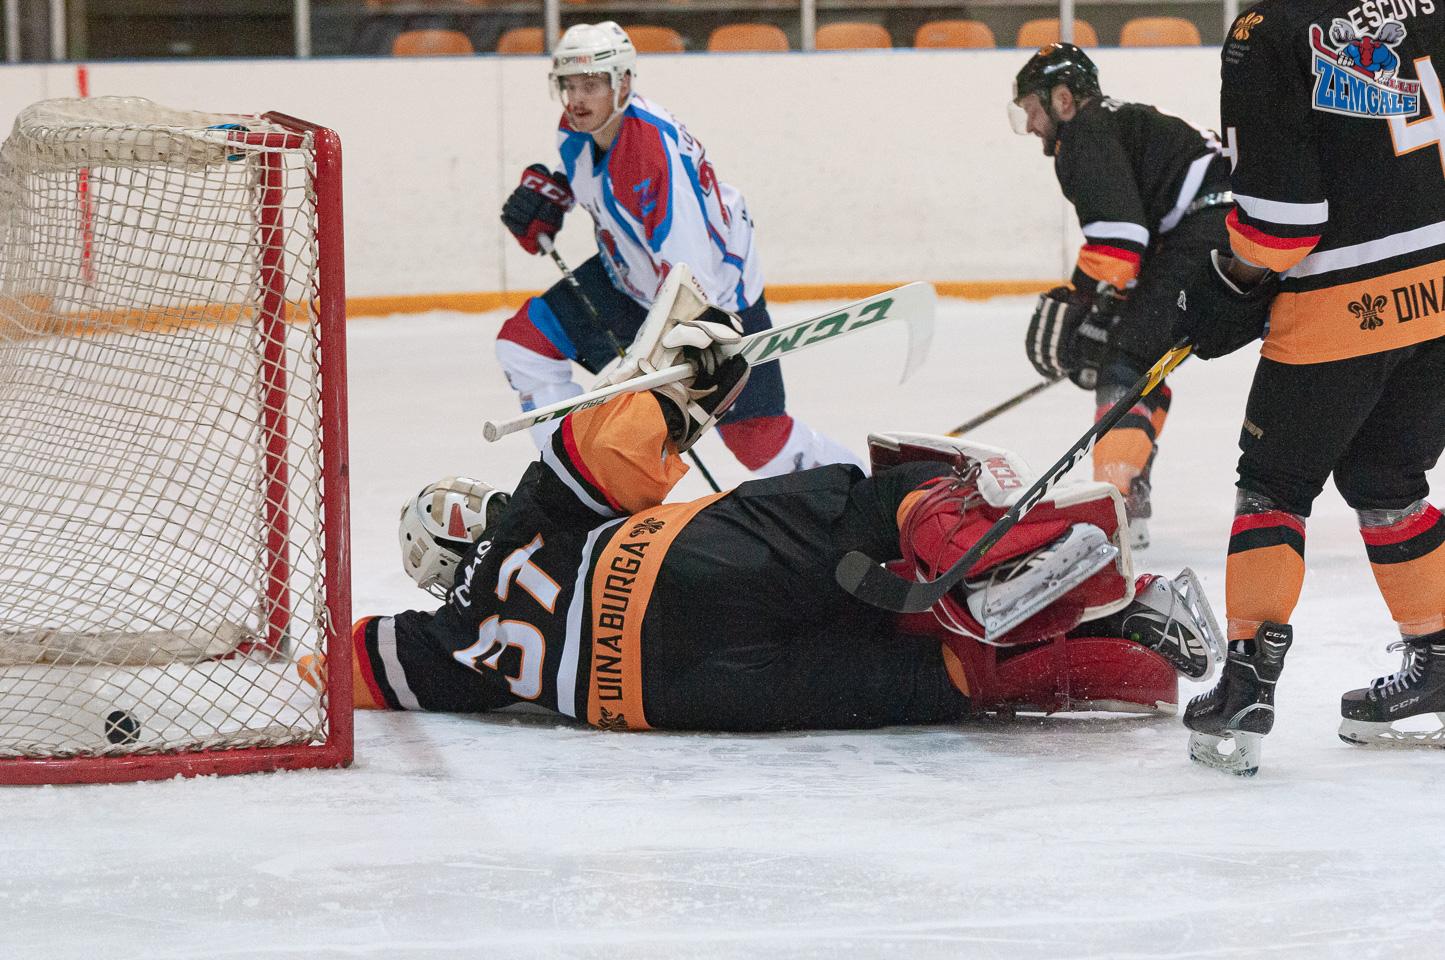 Hokejists Adeļsons ieraida ripu vāŗtos